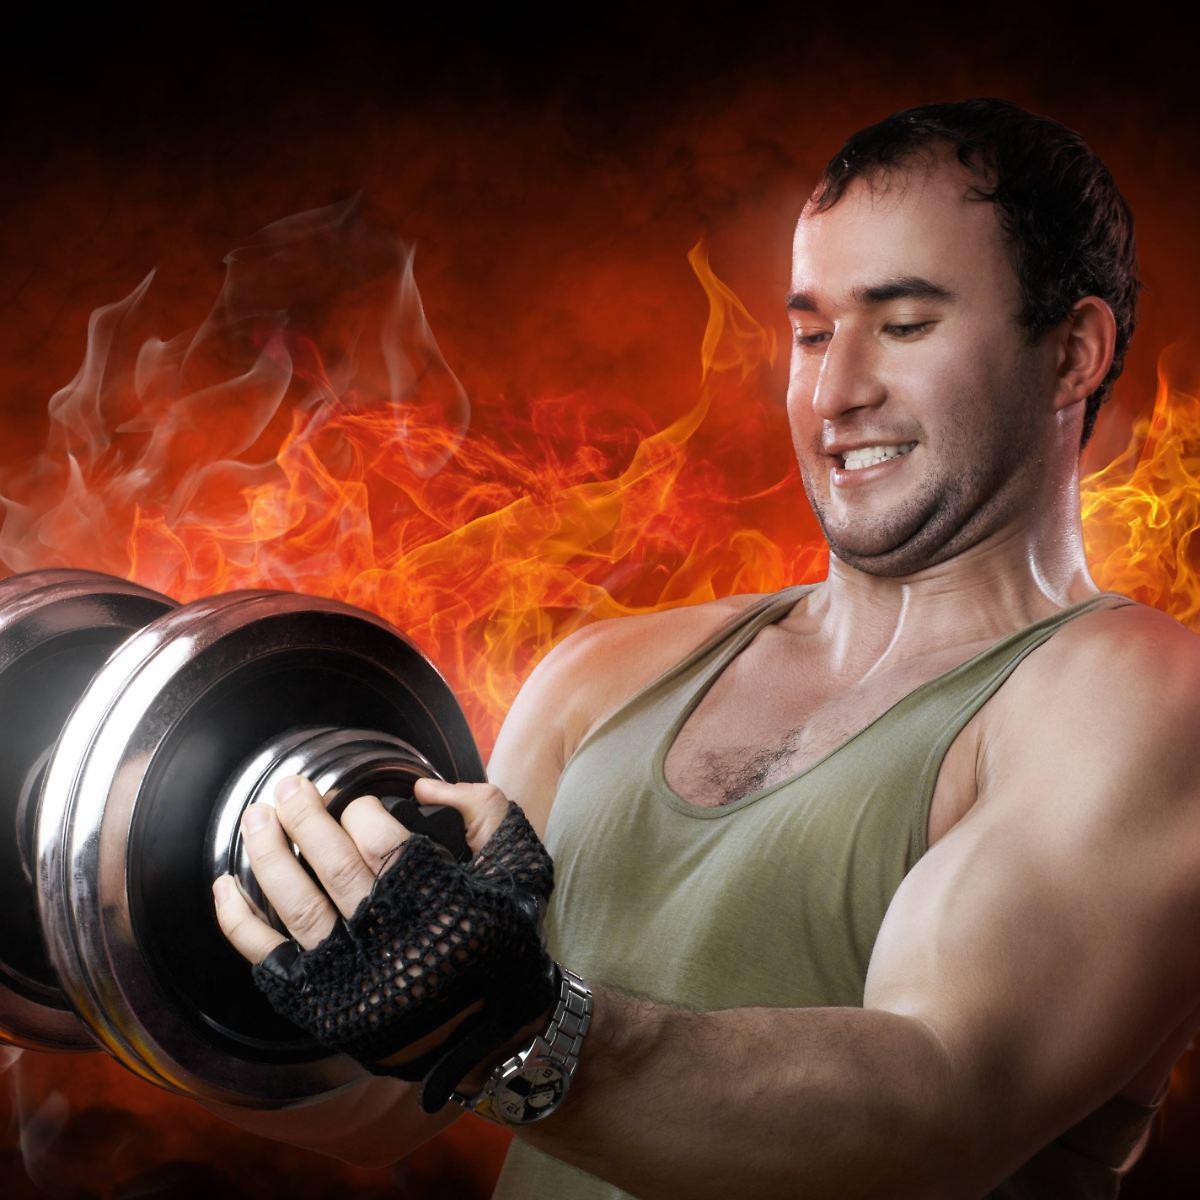 Meisten den mann welt mit muskeln der Bodybuilder: Weltrekord